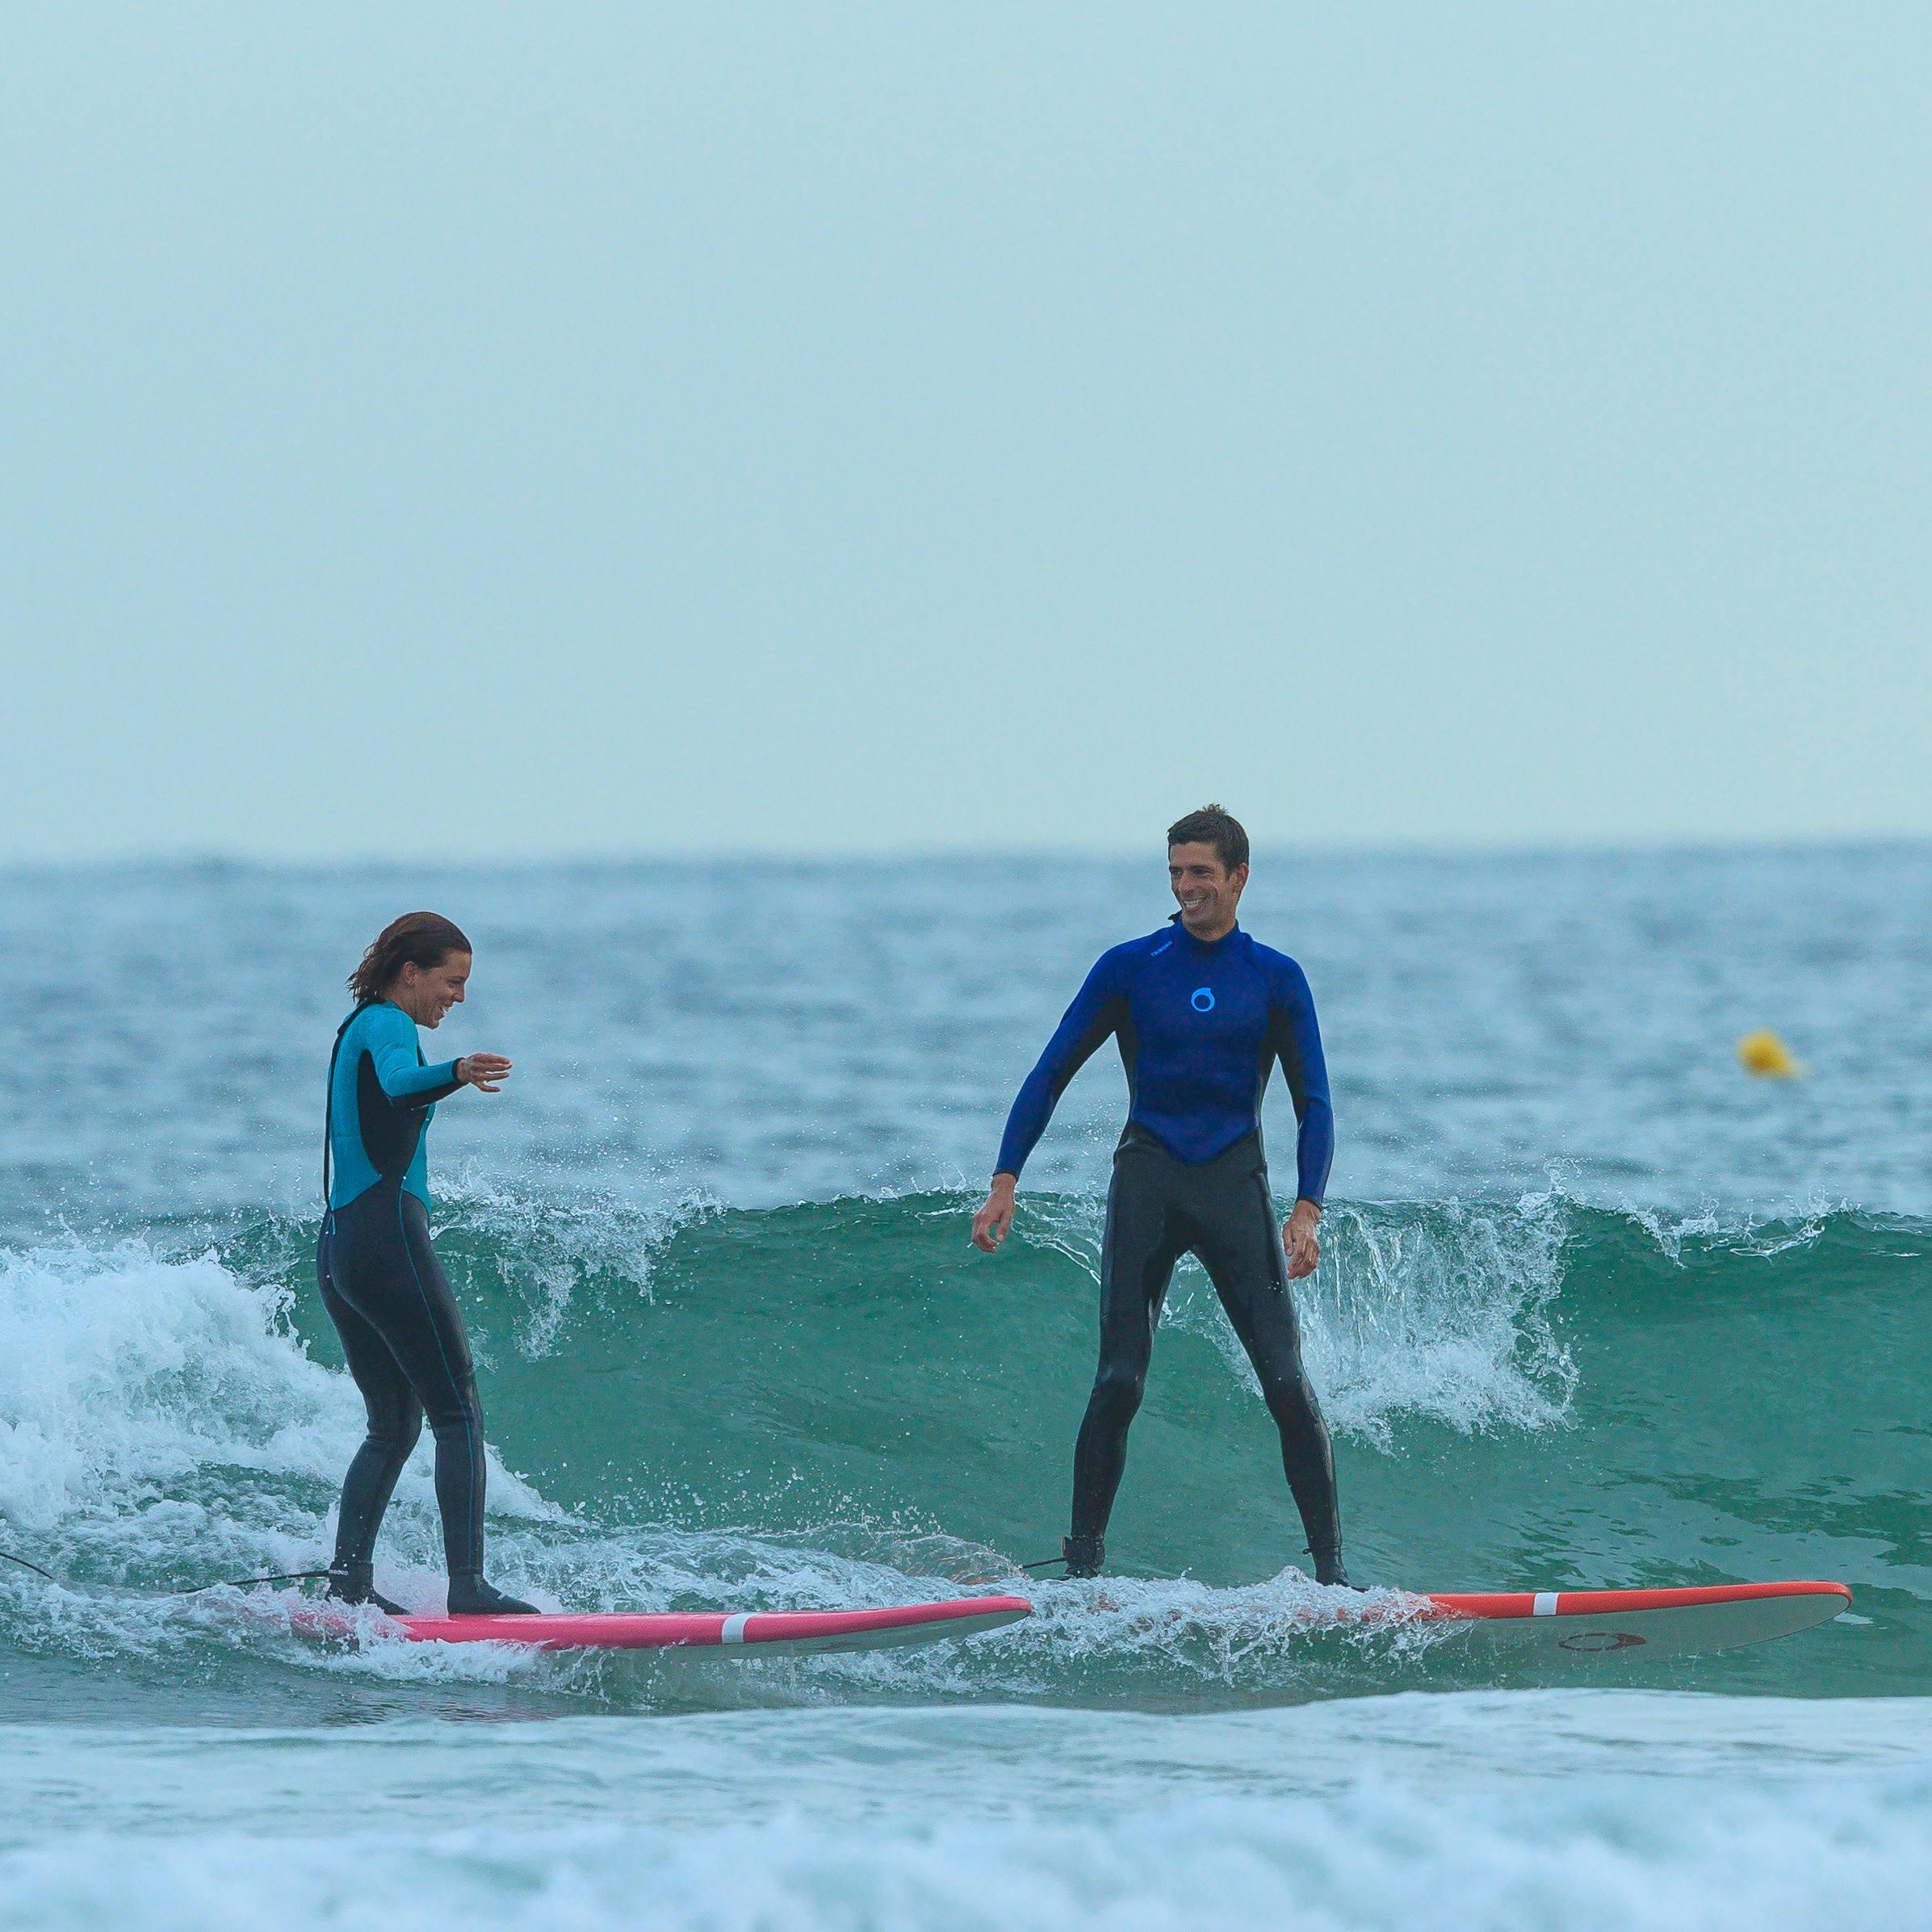 surf-balik